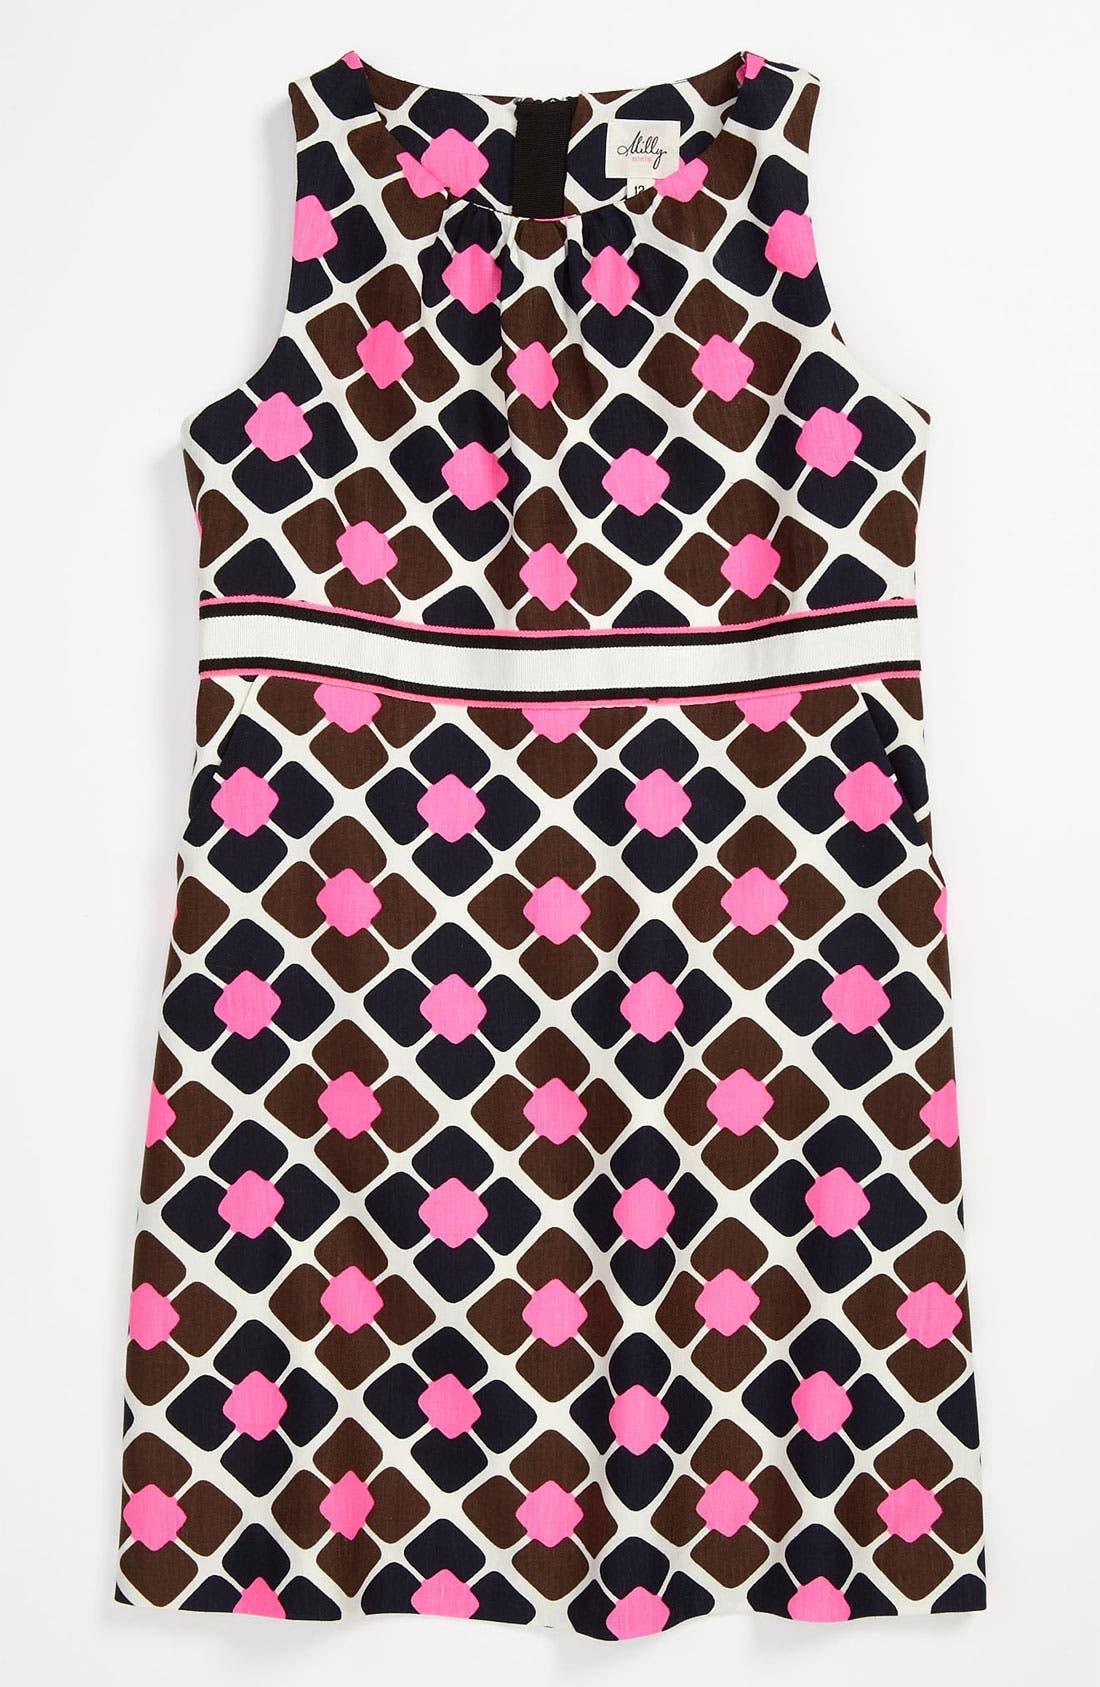 Alternate Image 1 Selected - Milly Minis Sleeveless Dress (Little Girls & Big Girls)